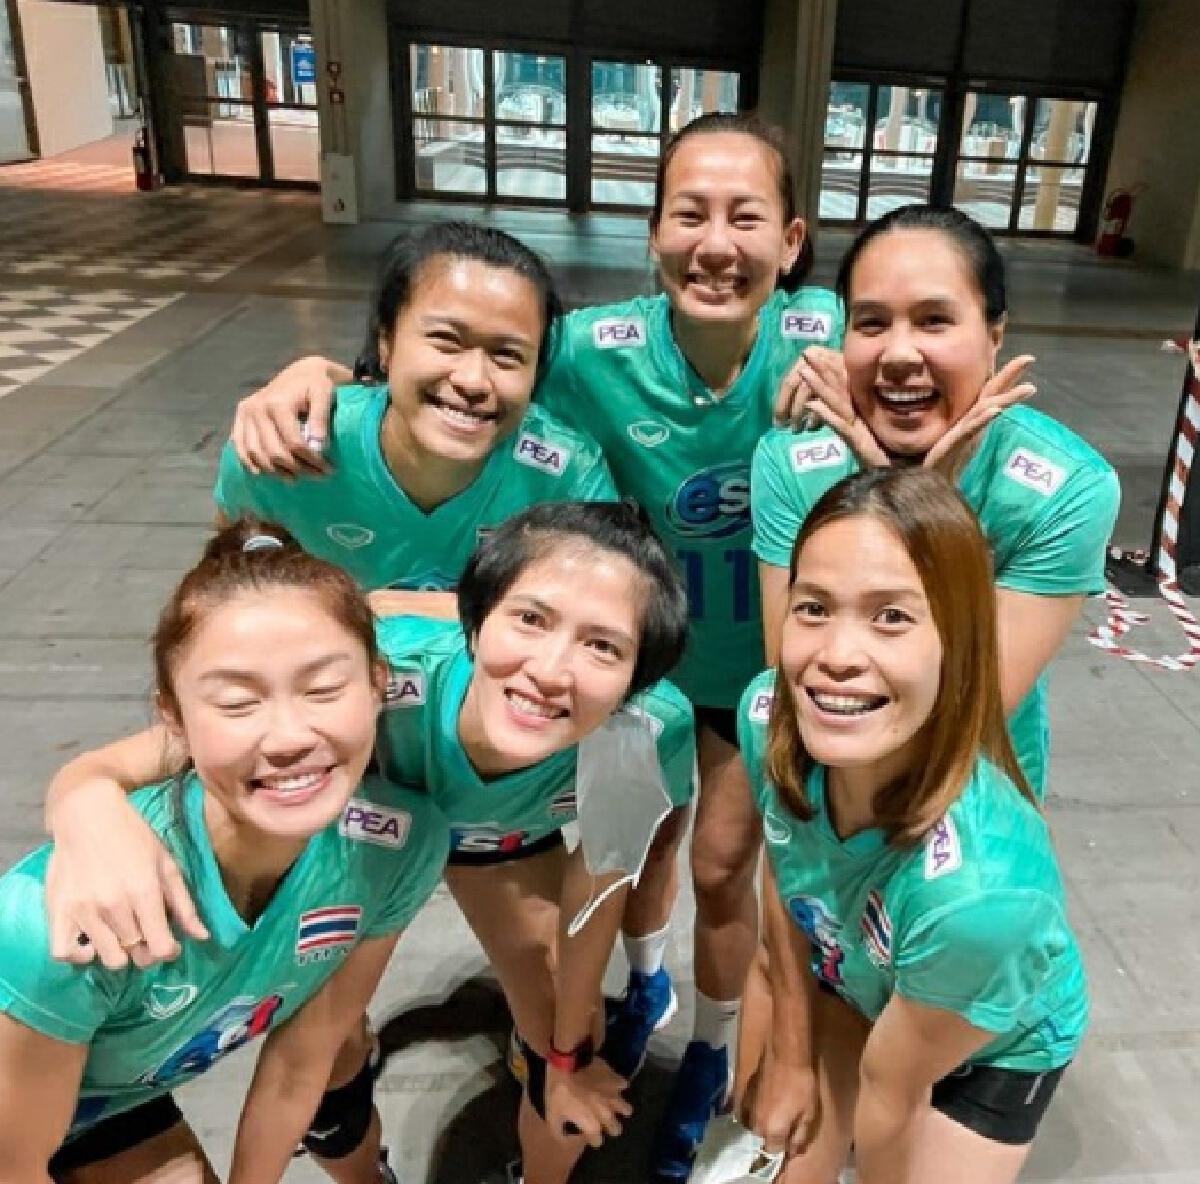 นักวอลเลย์บอลทีมชาติ 6เซียนตบสาวไทย อำลา